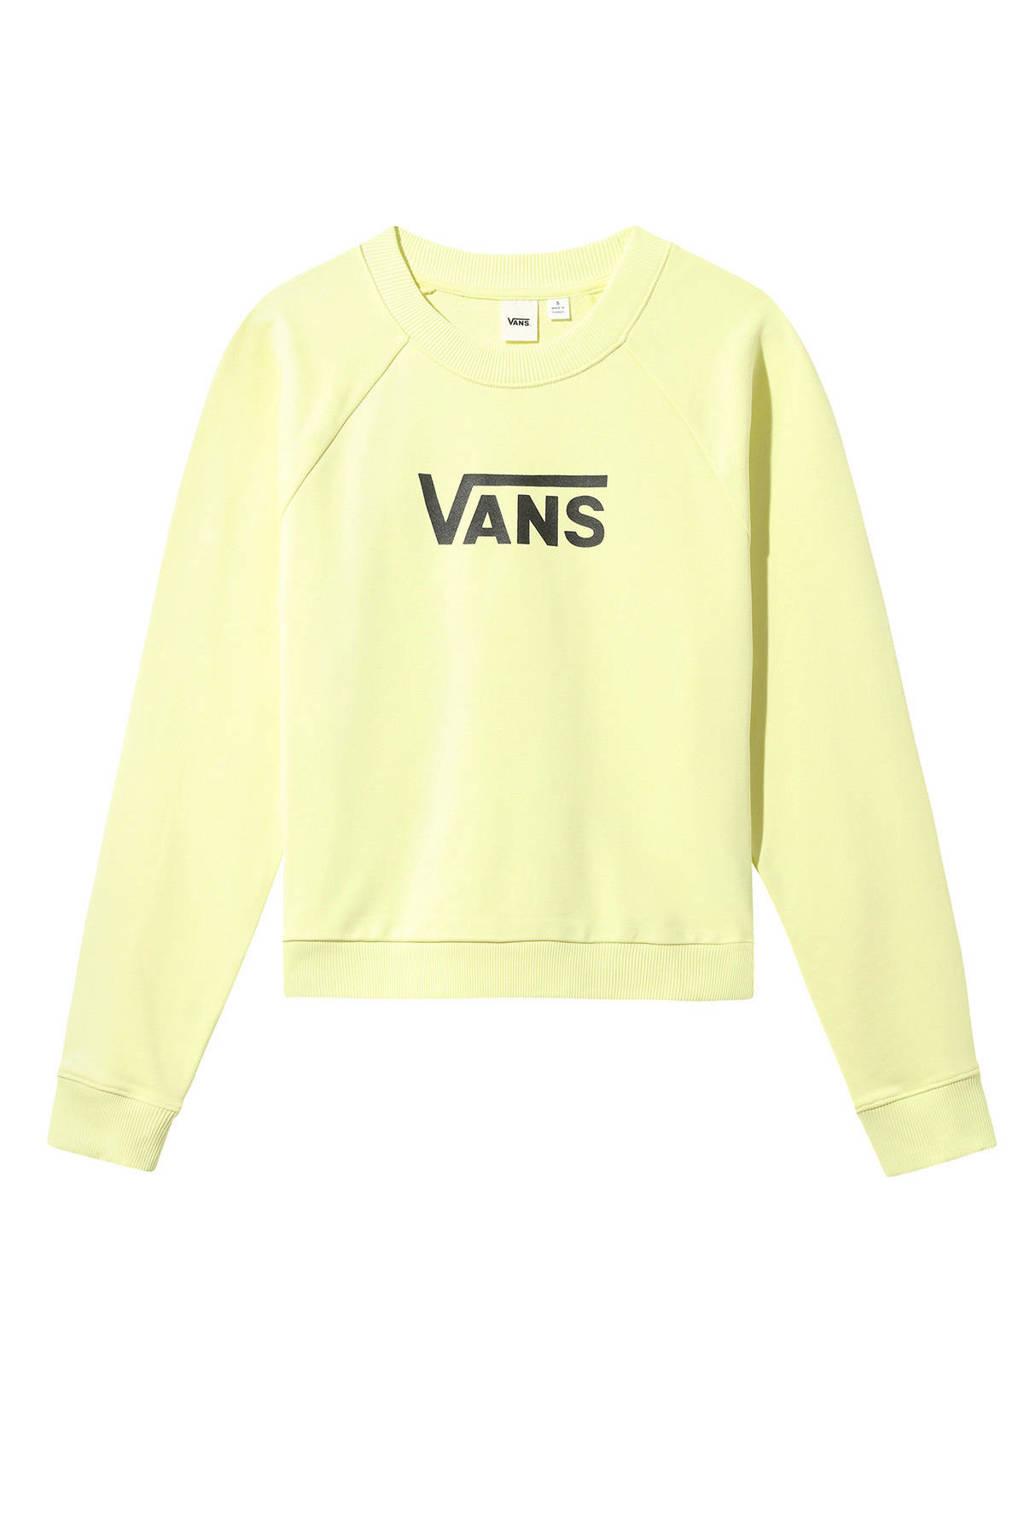 VANS sweater geel, Geel